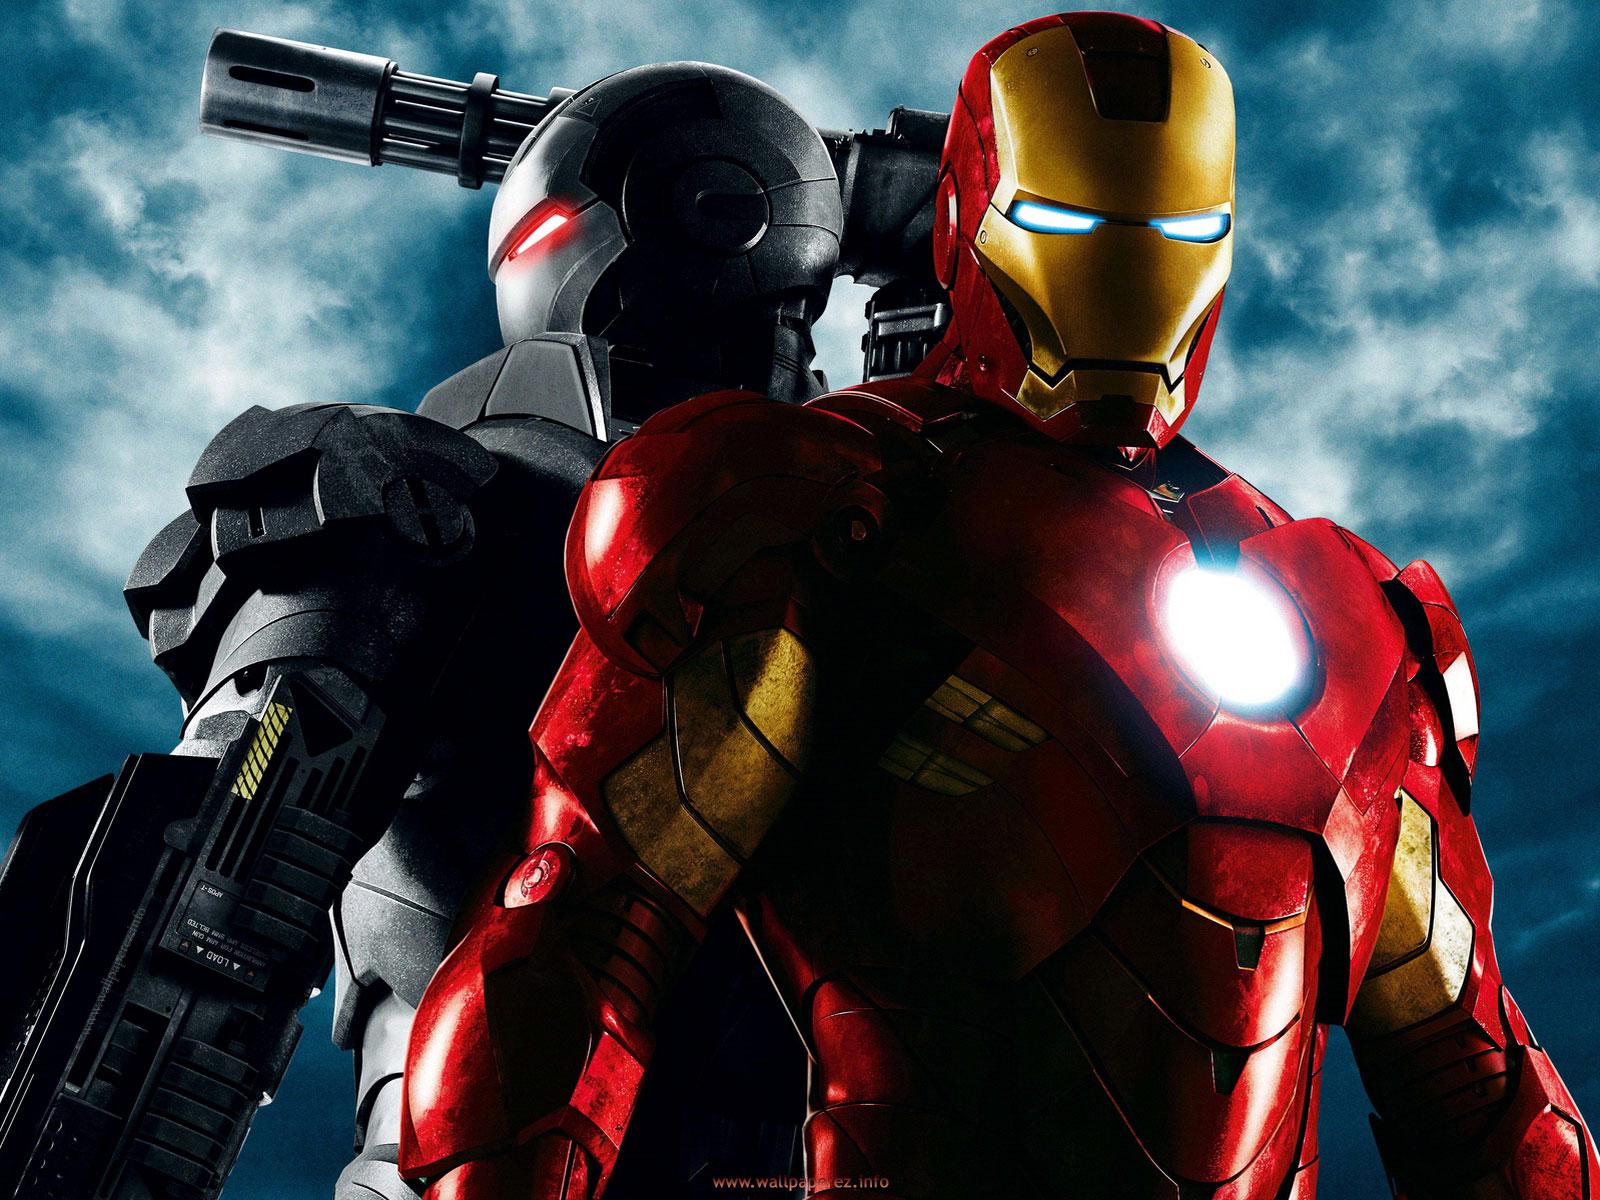 http://2.bp.blogspot.com/_Zu2SHVJtSVs/S-IIcePgC1I/AAAAAAAAACE/zXBWOvSYNYA/s1600/Iron-Man-wallpaper-2-2032.jpg